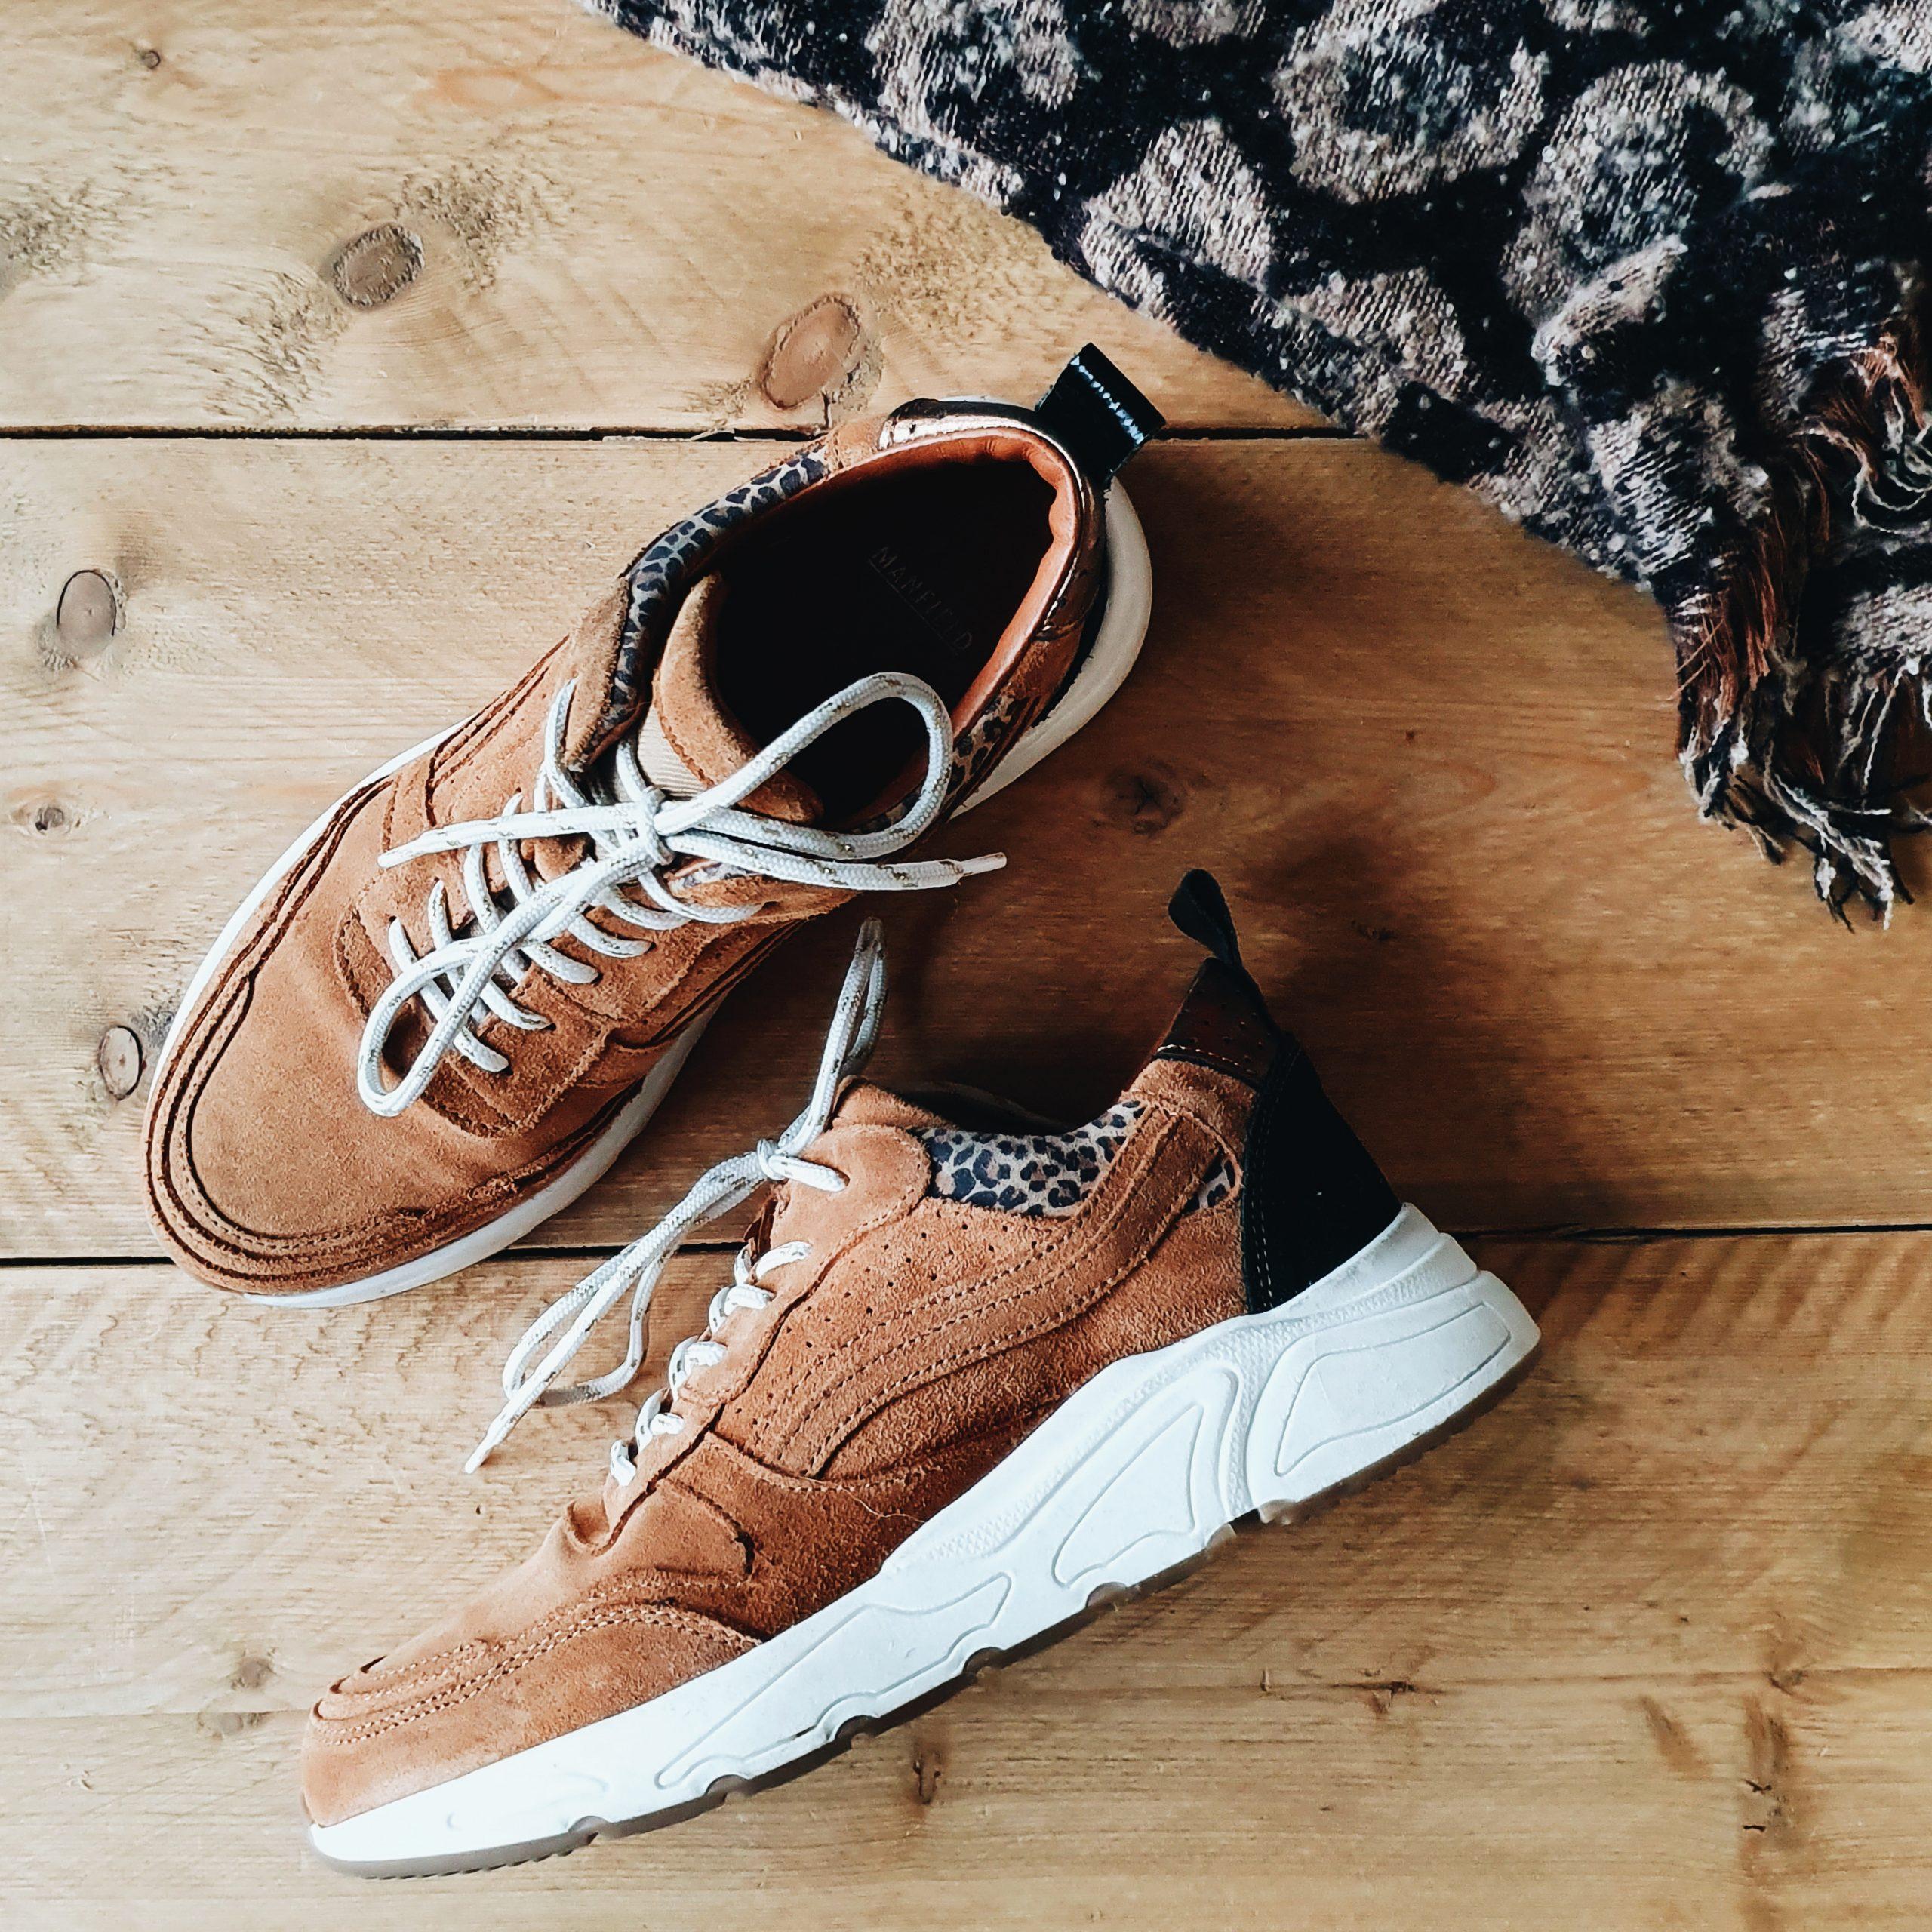 Breaking news – De mooiste sneakers die ik ooit heb gehad!